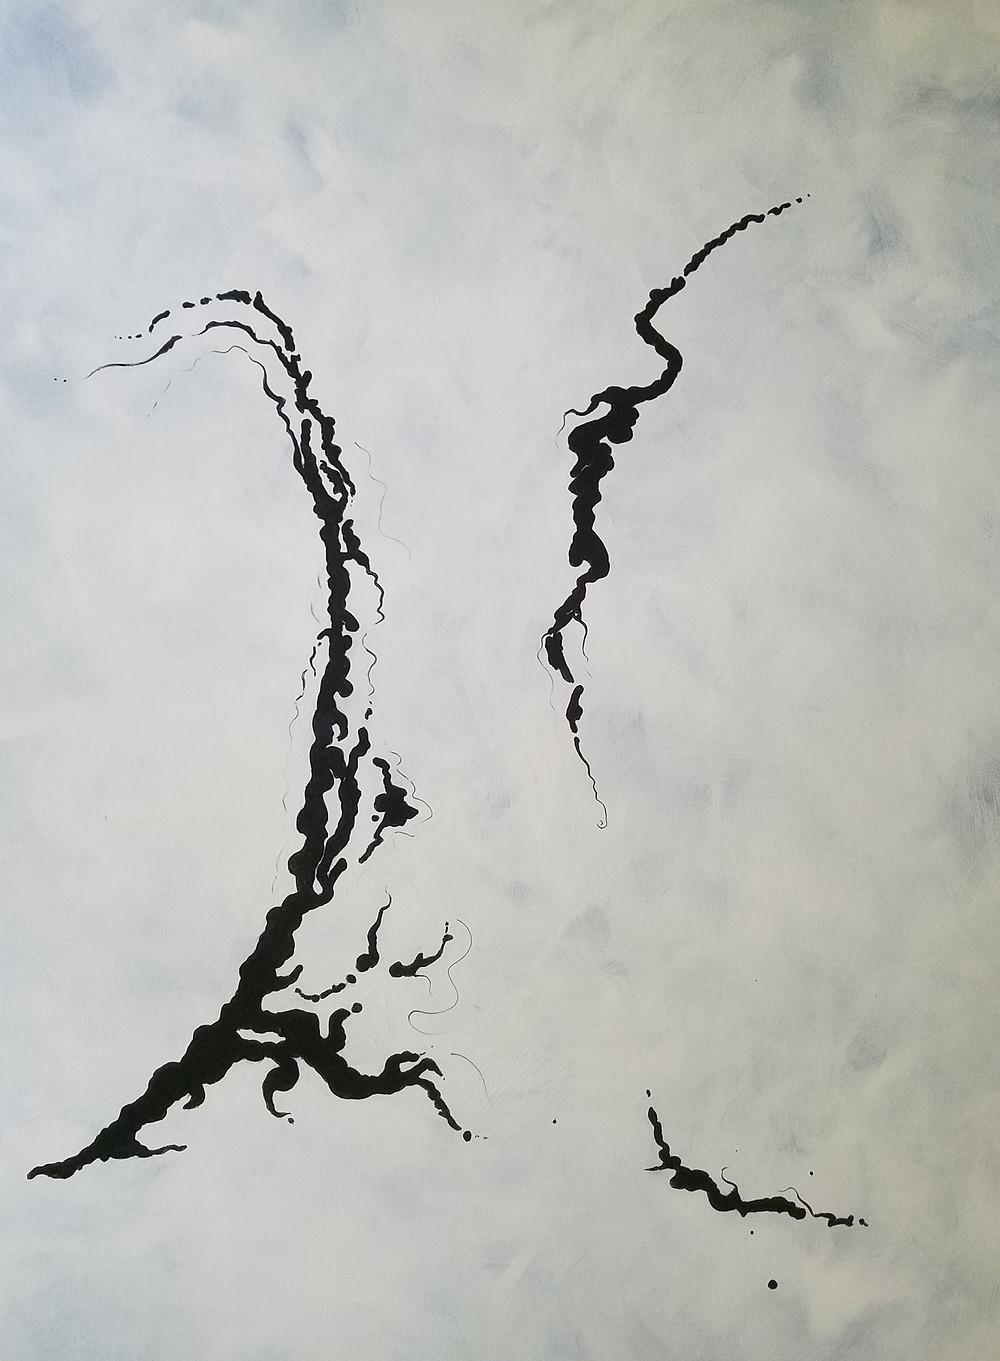 2017, Acrylic on Canvas, 30x40, $1111.00